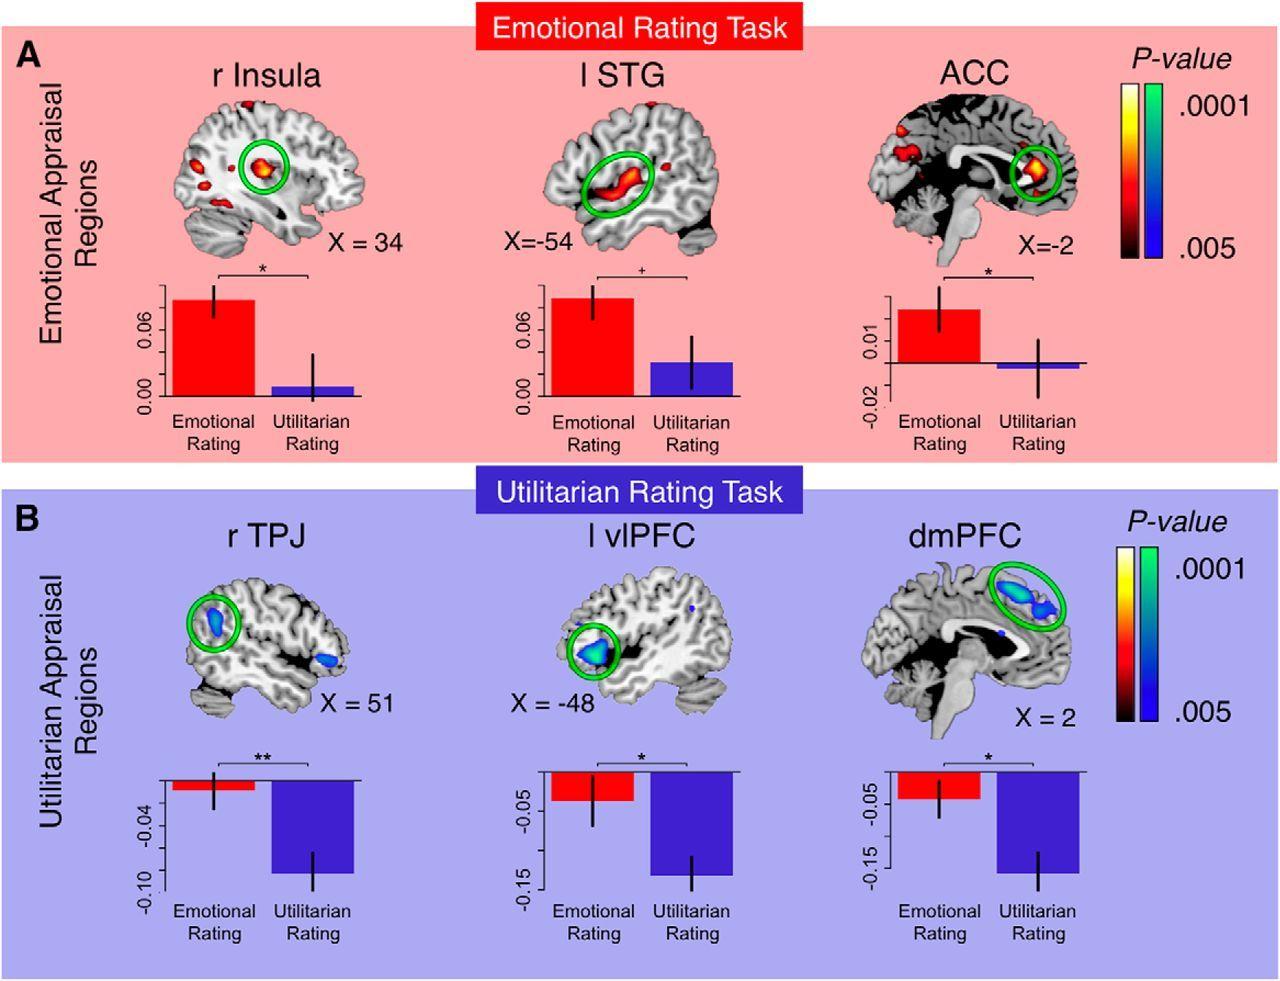 Görsel 2: Duygusal Değerlendirme (Emotional Rating) kısmında beynin insula, STG ve ACC bölümleri daha aktifken Faydacı Değerlendirme (Utilitarian Rating) yapılırken beynin temporal/paryetal kesişim yeri (TPJ) ve dorsomedial prefrontal korteks (dmPFC) aktivitesinde artış gözlemlenmiştir.